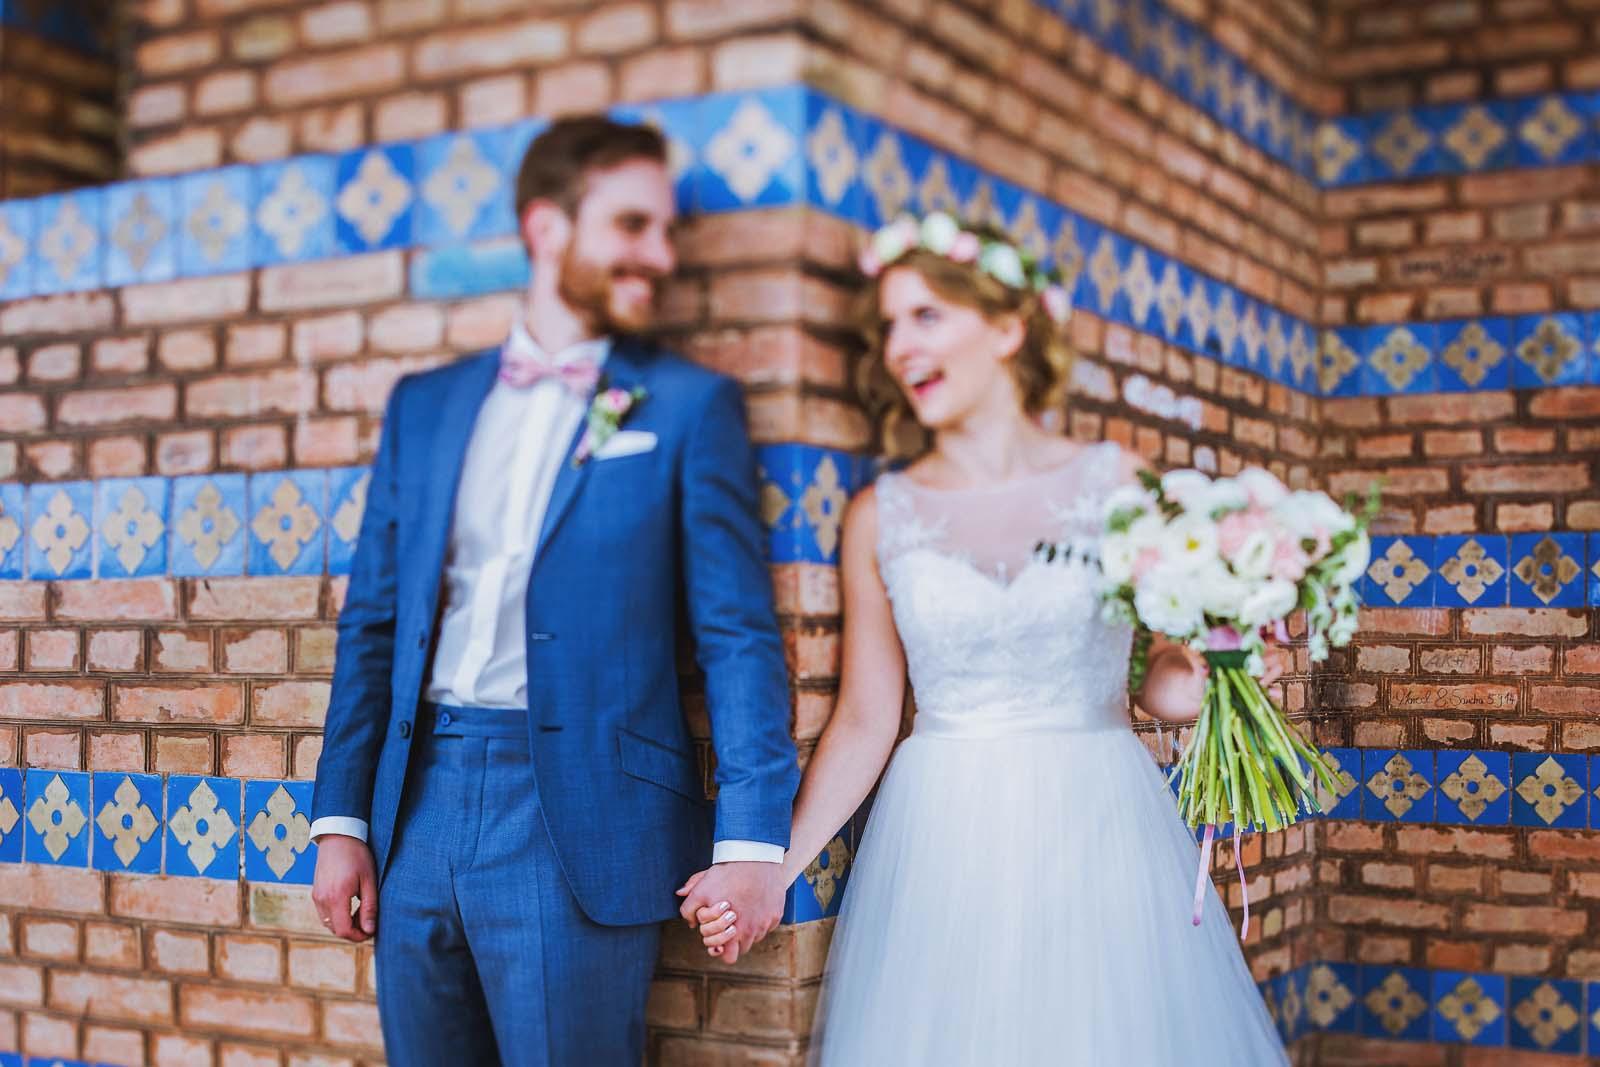 Hochzeitsfotograf Potsdam sieht Details an der Heilandskirche Sacrow Copyright by Hochzeitsfotograf www.berliner-hochzeitsfotografie.de